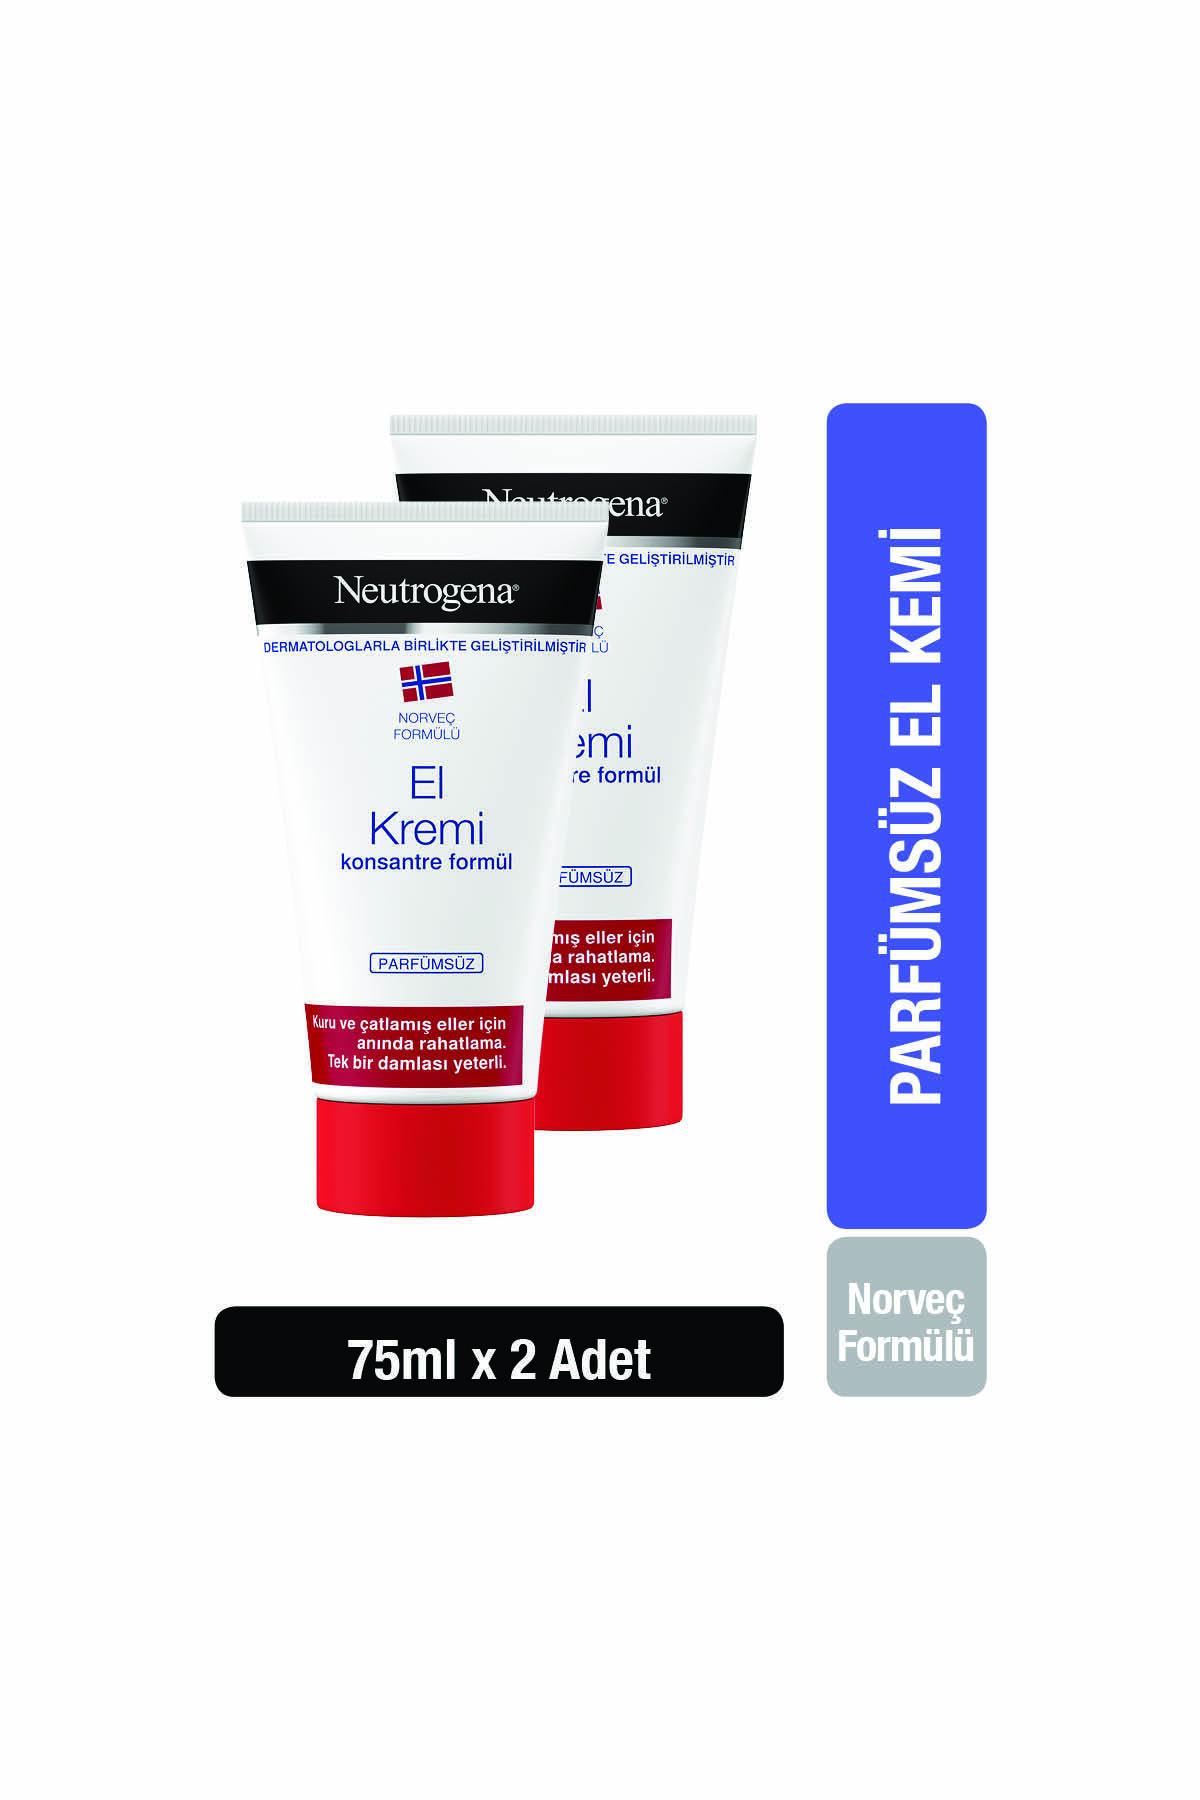 Neutrogena Norveç Formülü El Kremi Parfümsüz 75 Ml X 2 Adet 1